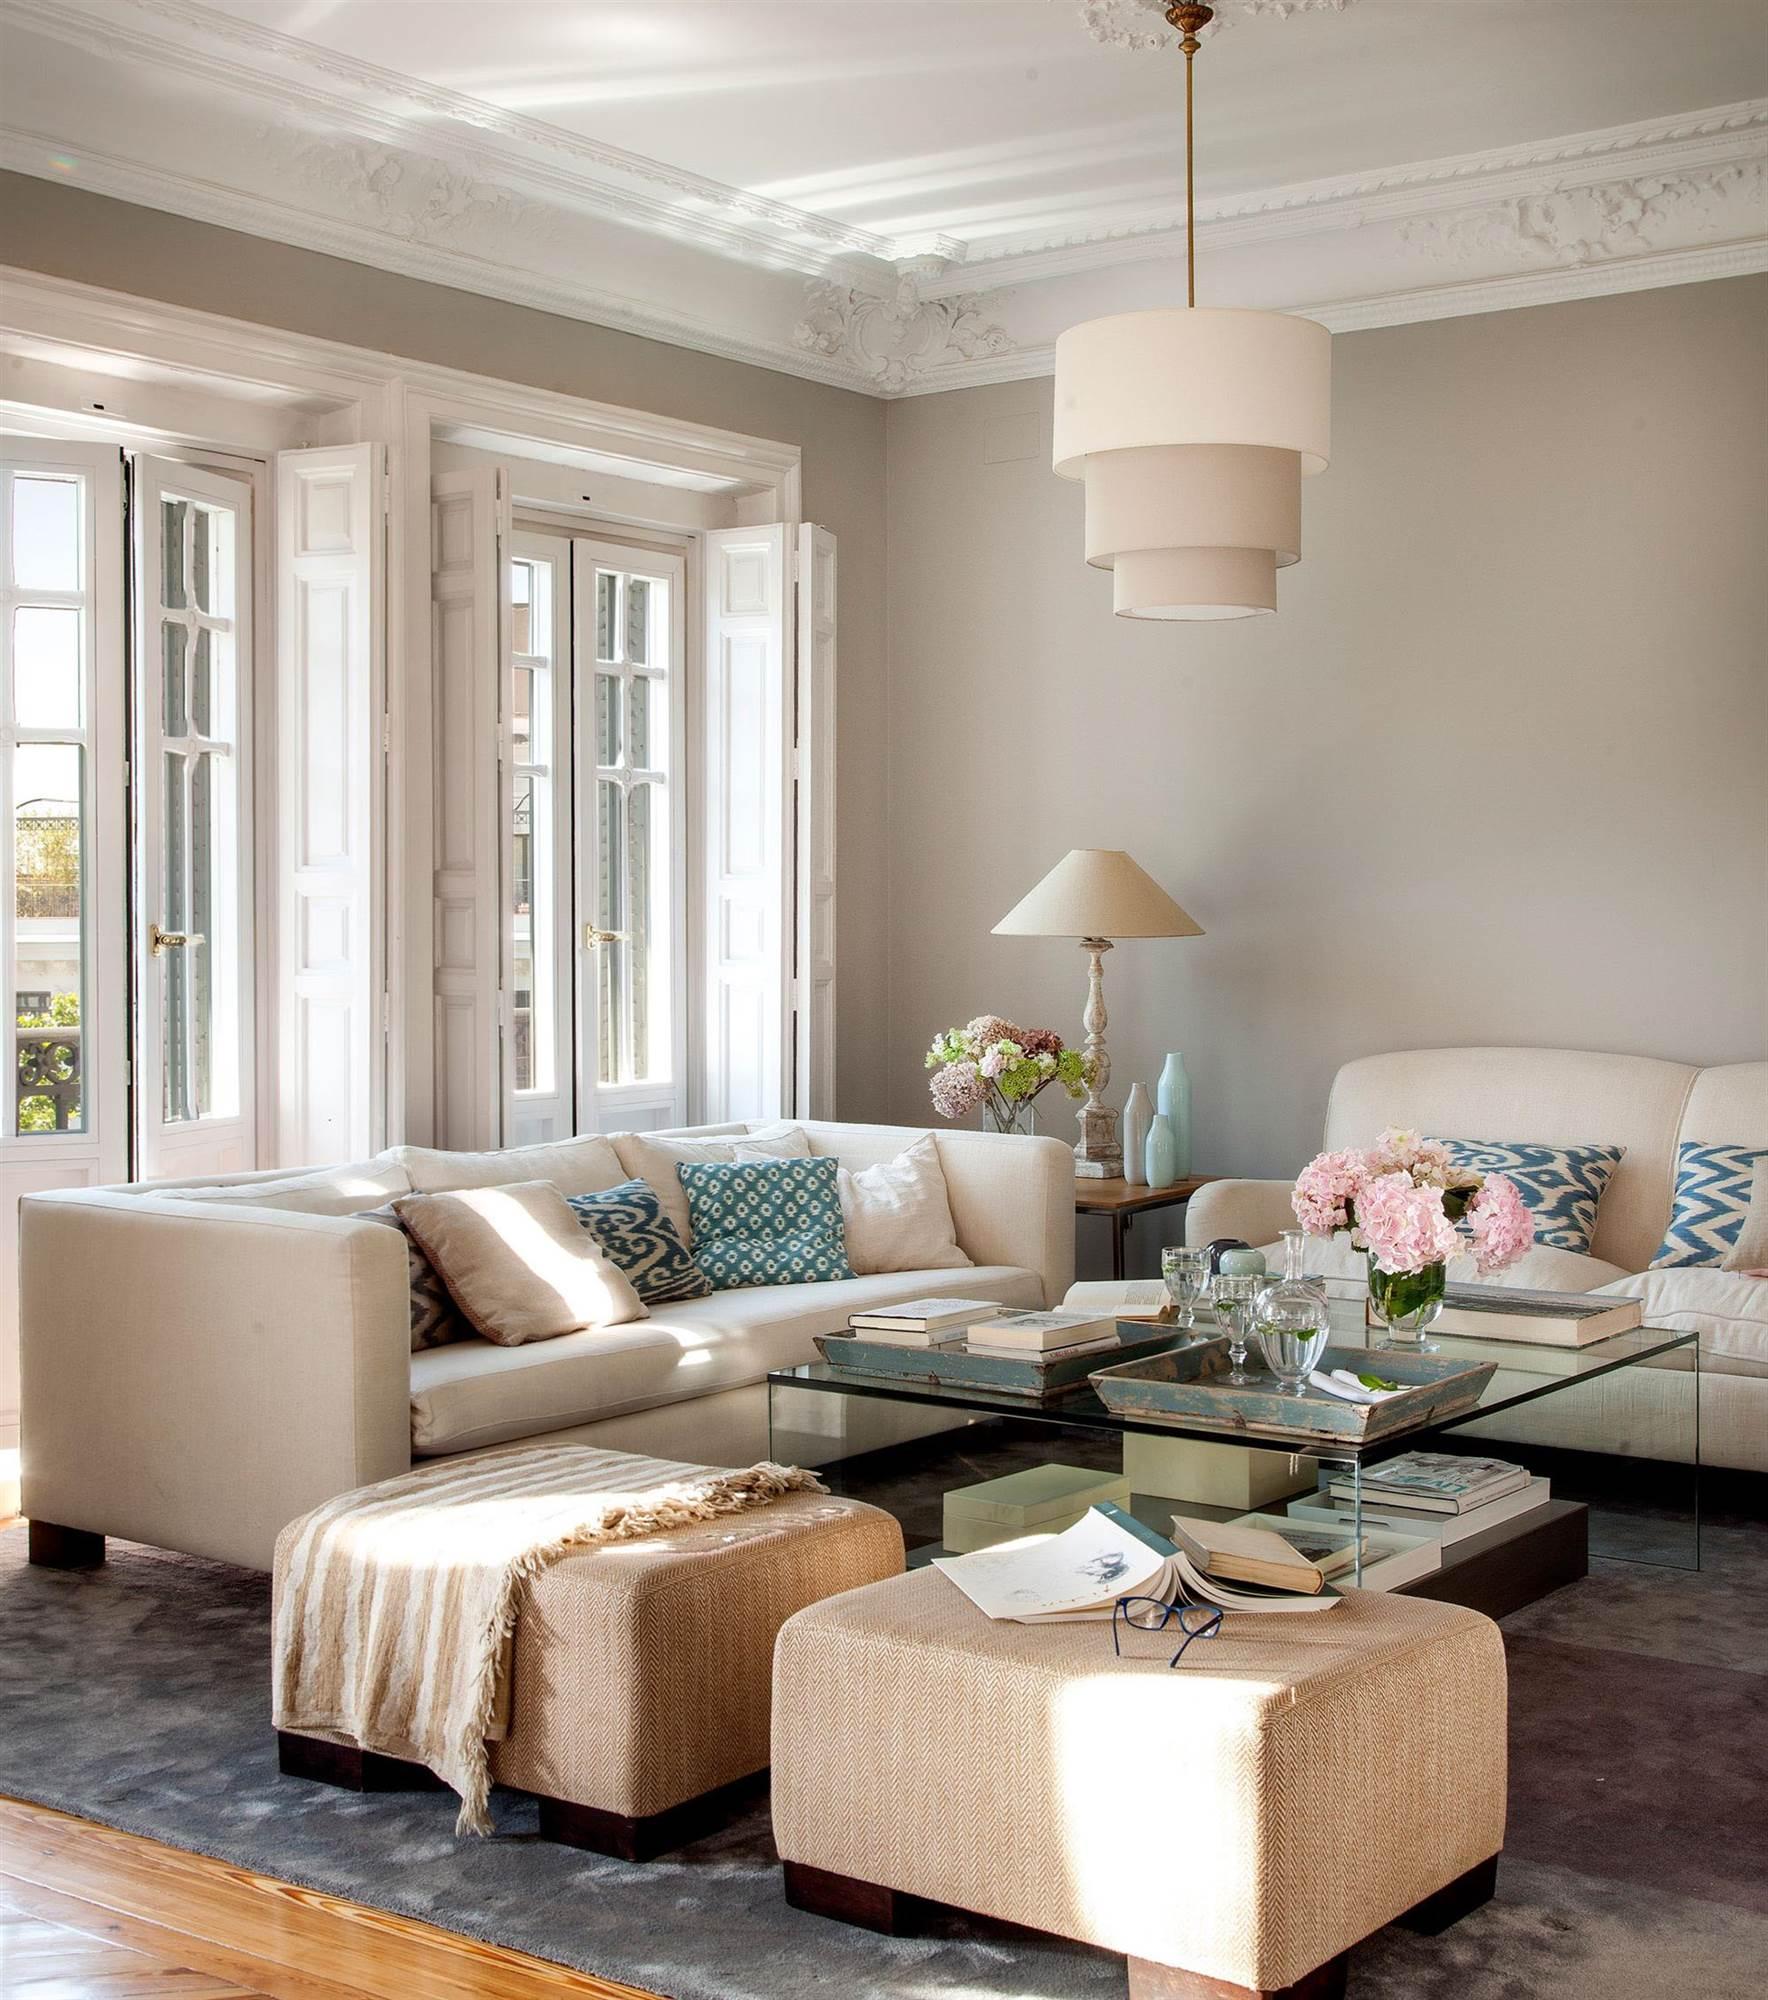 Salones con piedra decorativa paredes de piedra en un - Salones decorados con piedra ...